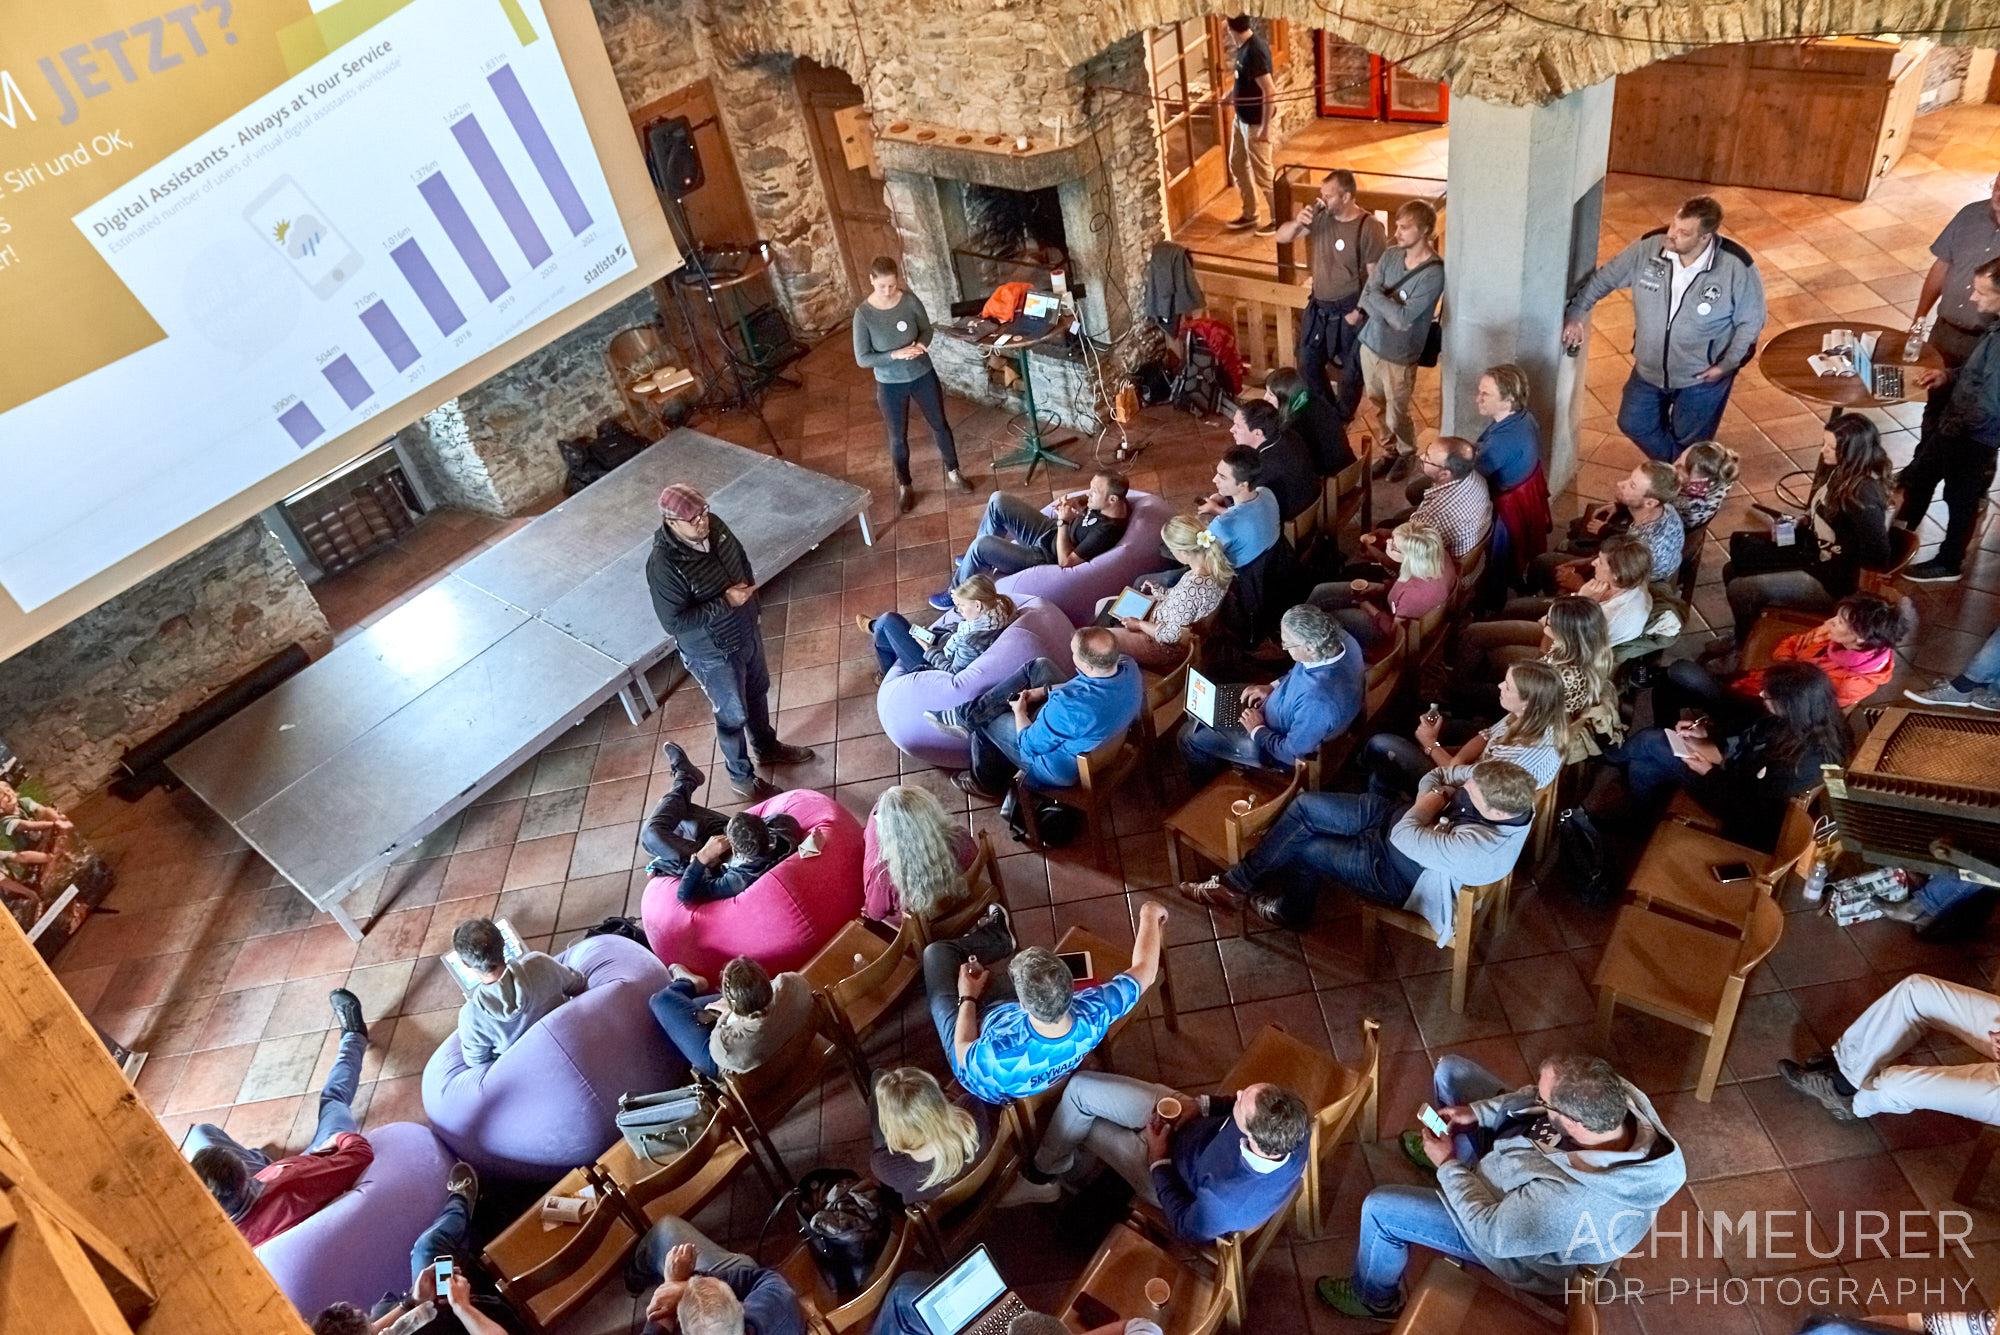 CastleCamp-Kaprun-cczk17_5197 by AchimMeurer.com                     .